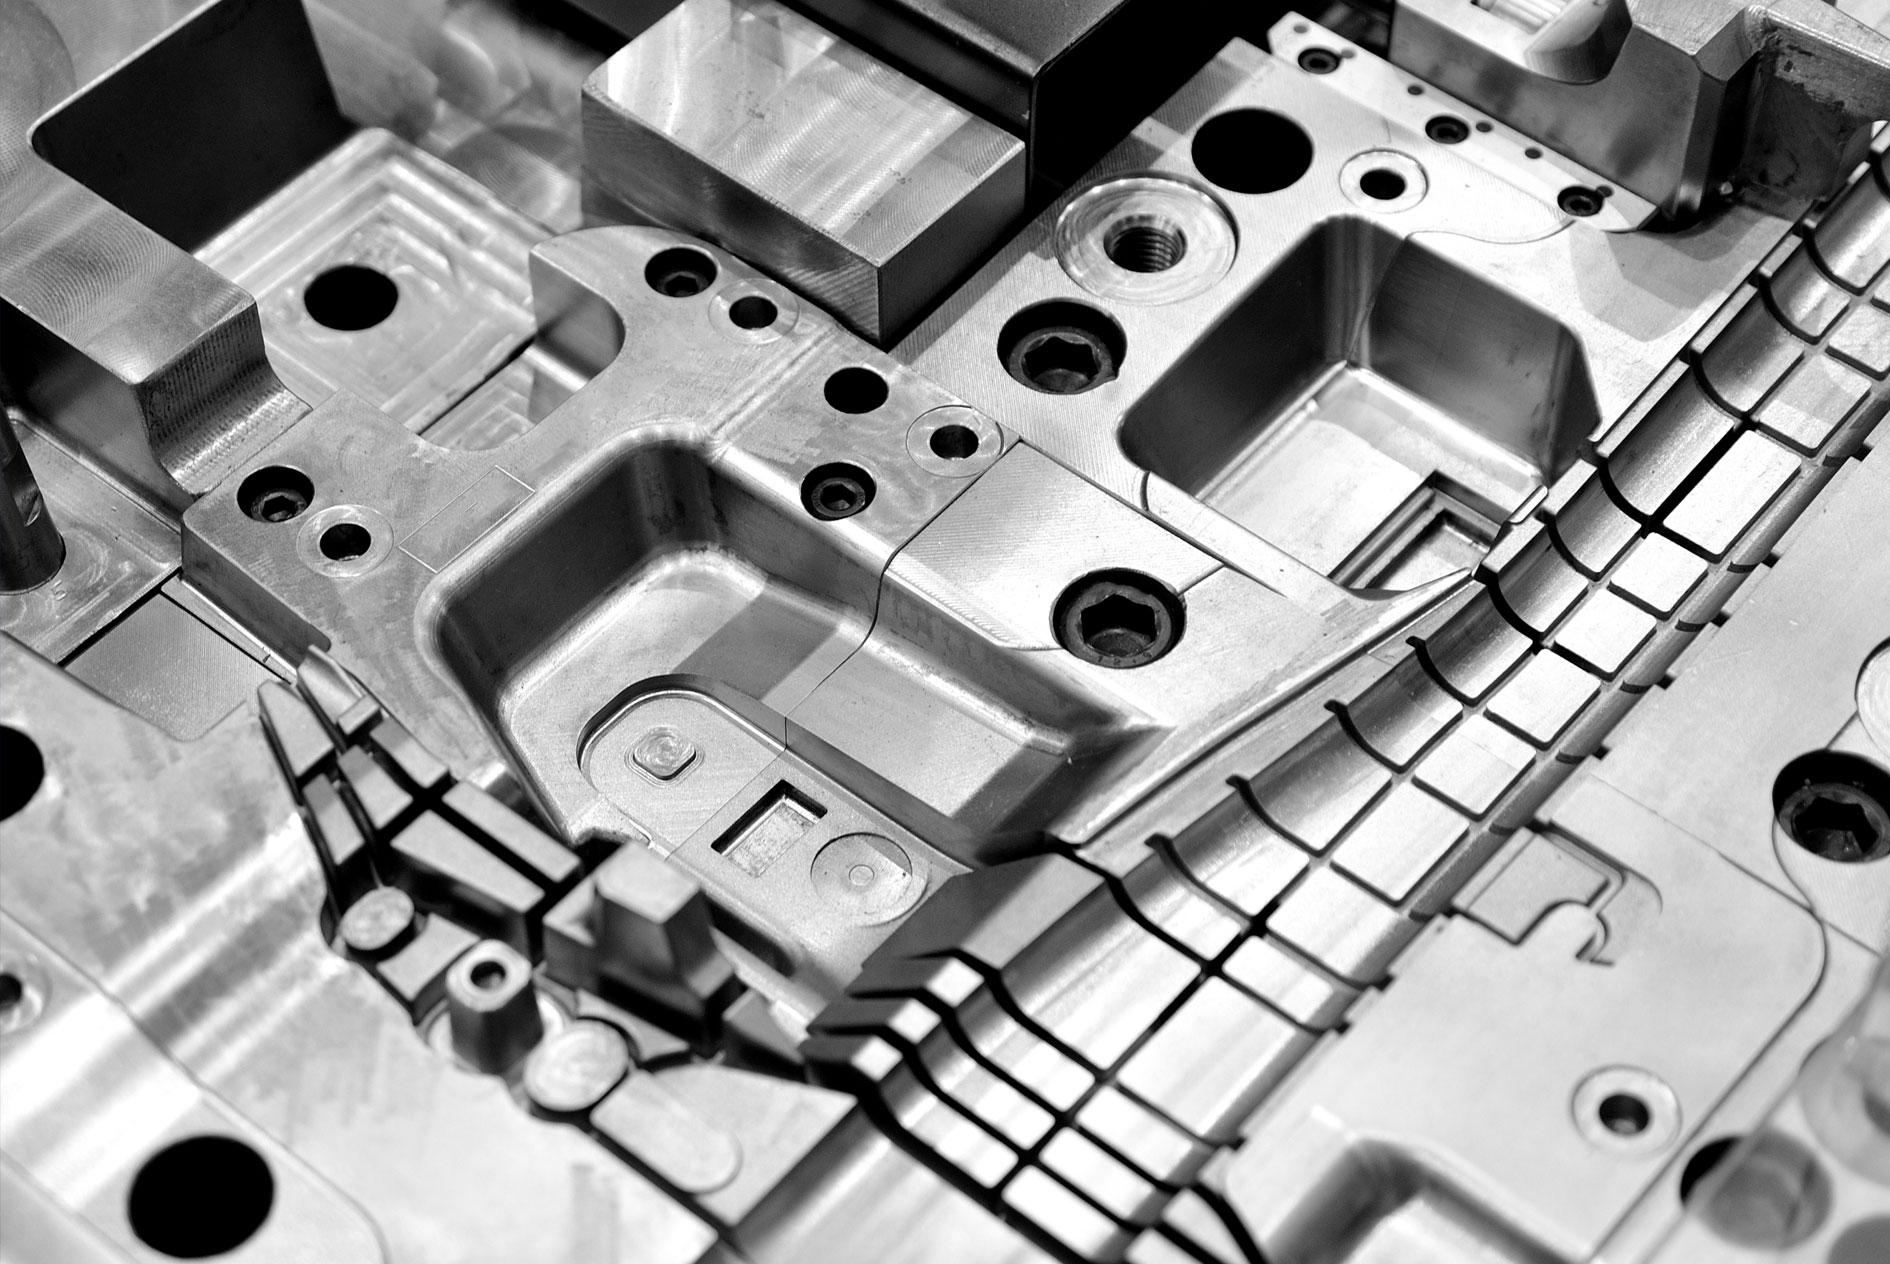 kkkoy-konetehdas-ruiskupuristusmuotti-muotit-alihankinta-metalliteollisuus-1